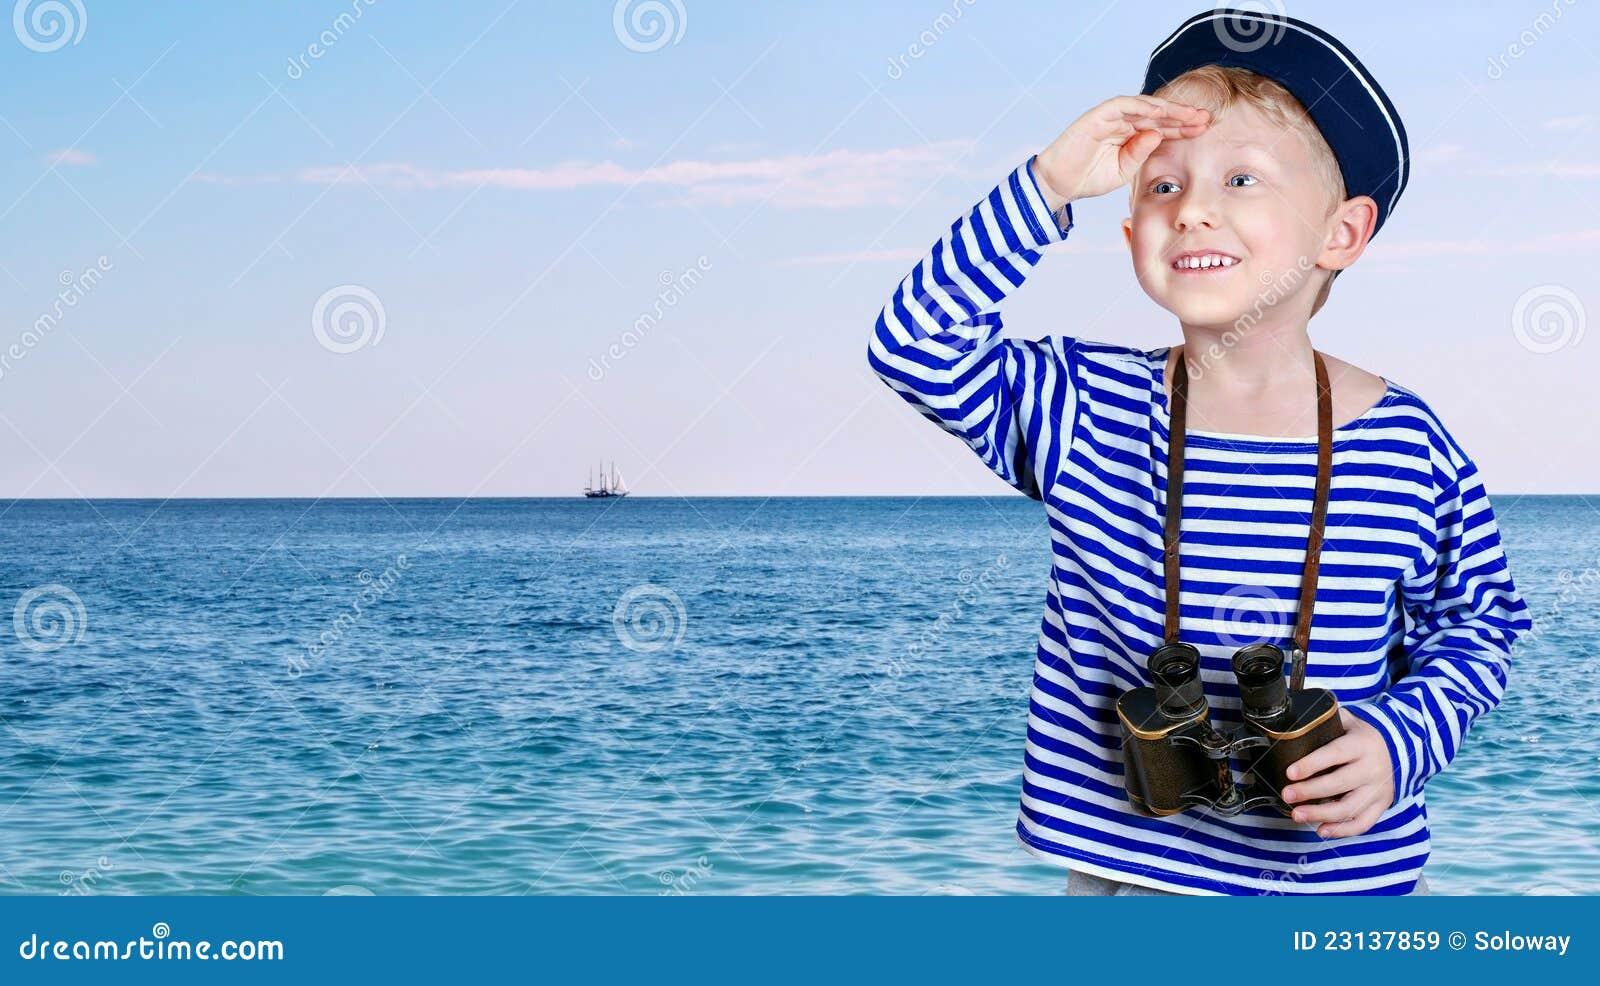 Капитан фото для детей